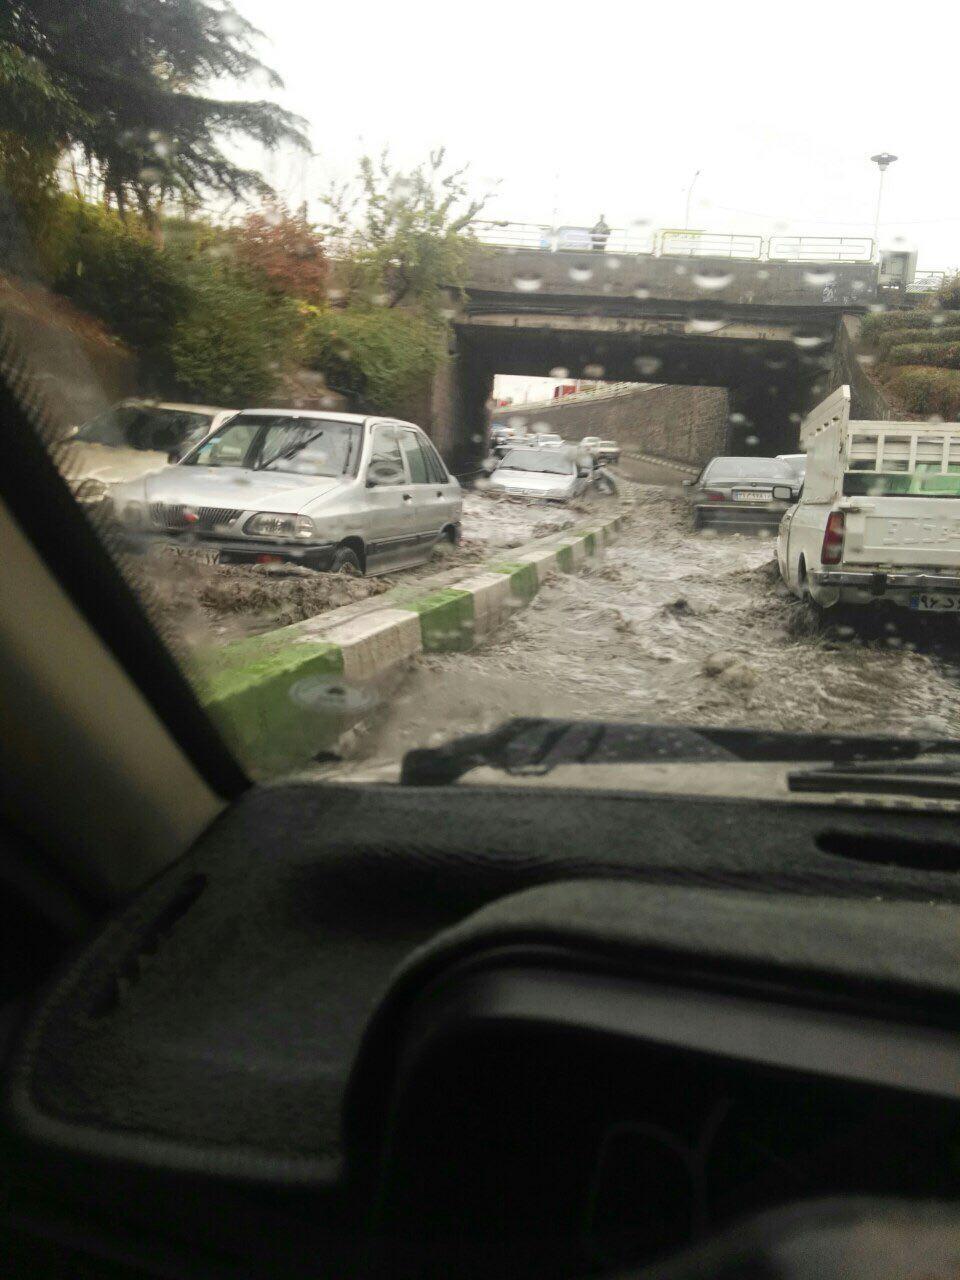 اولین باران پاییزی: معابر شهری مسدود شدند/ دریاچه ارومیه نفس کشید